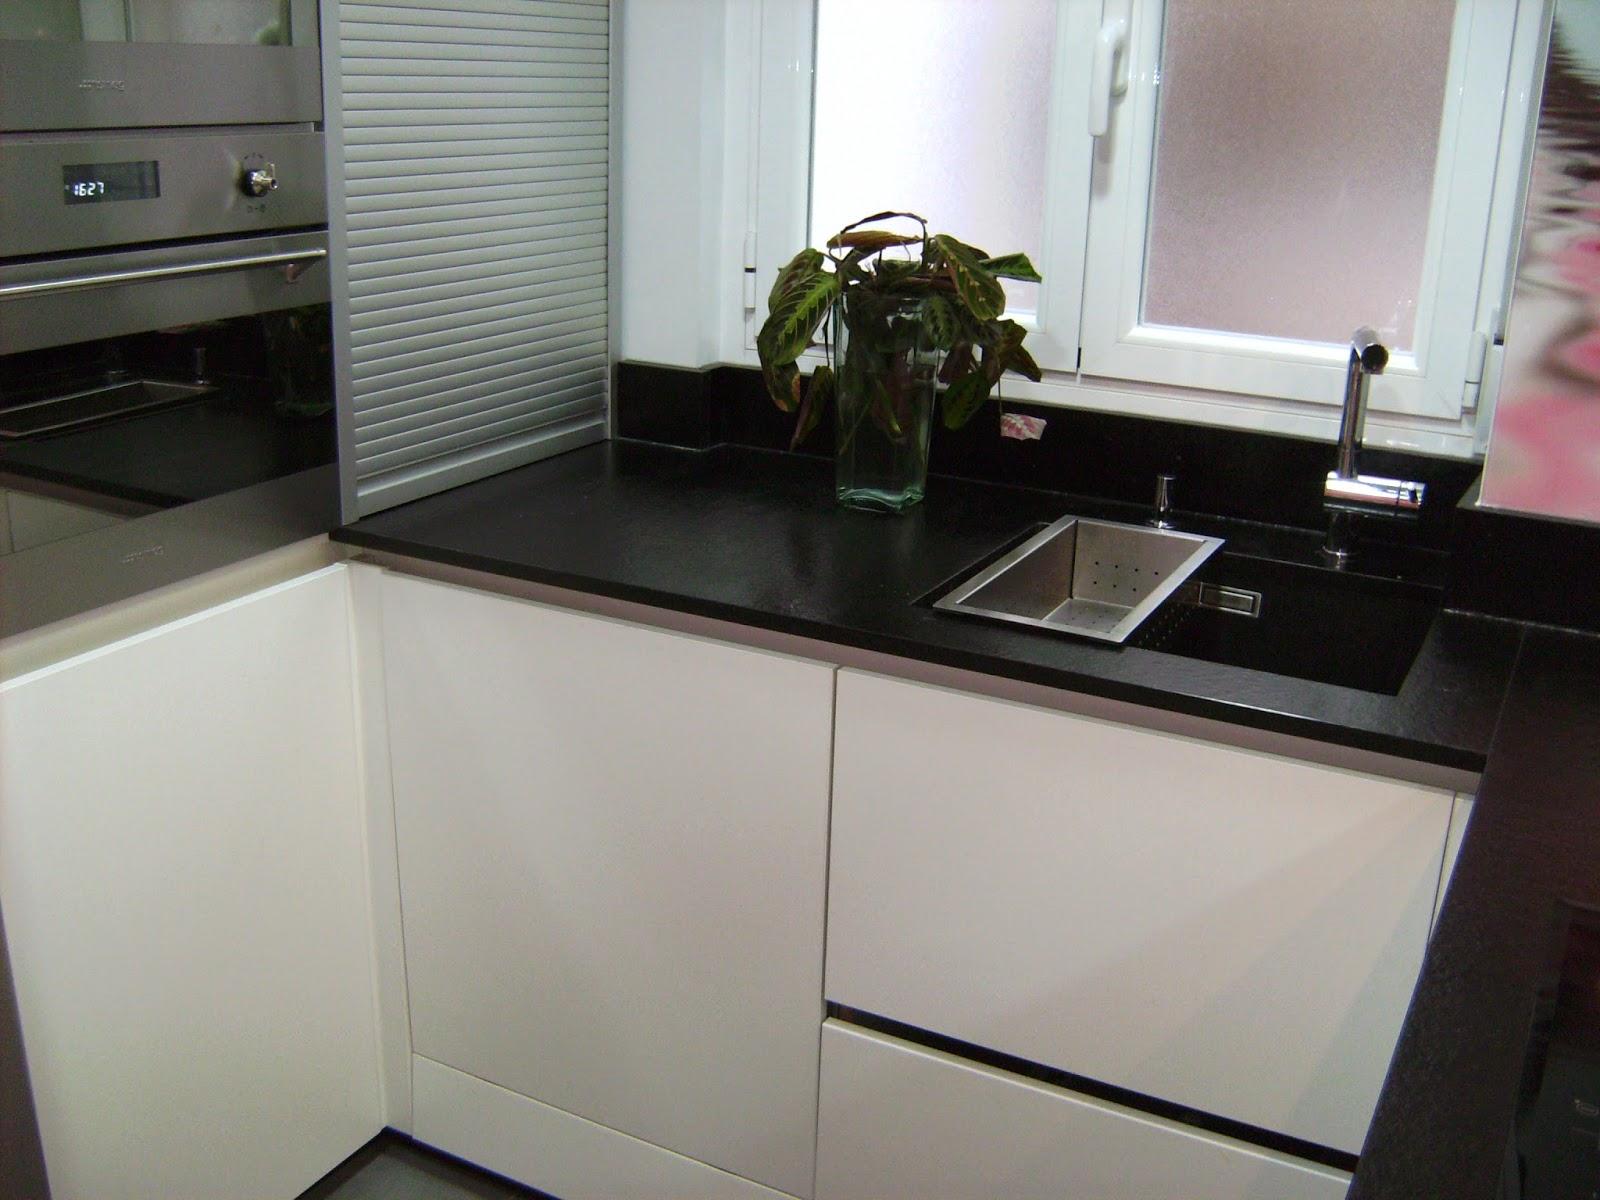 Mueble para pila de lavar affordable mueble para lavadero - Pilas de lavar con mueble ...